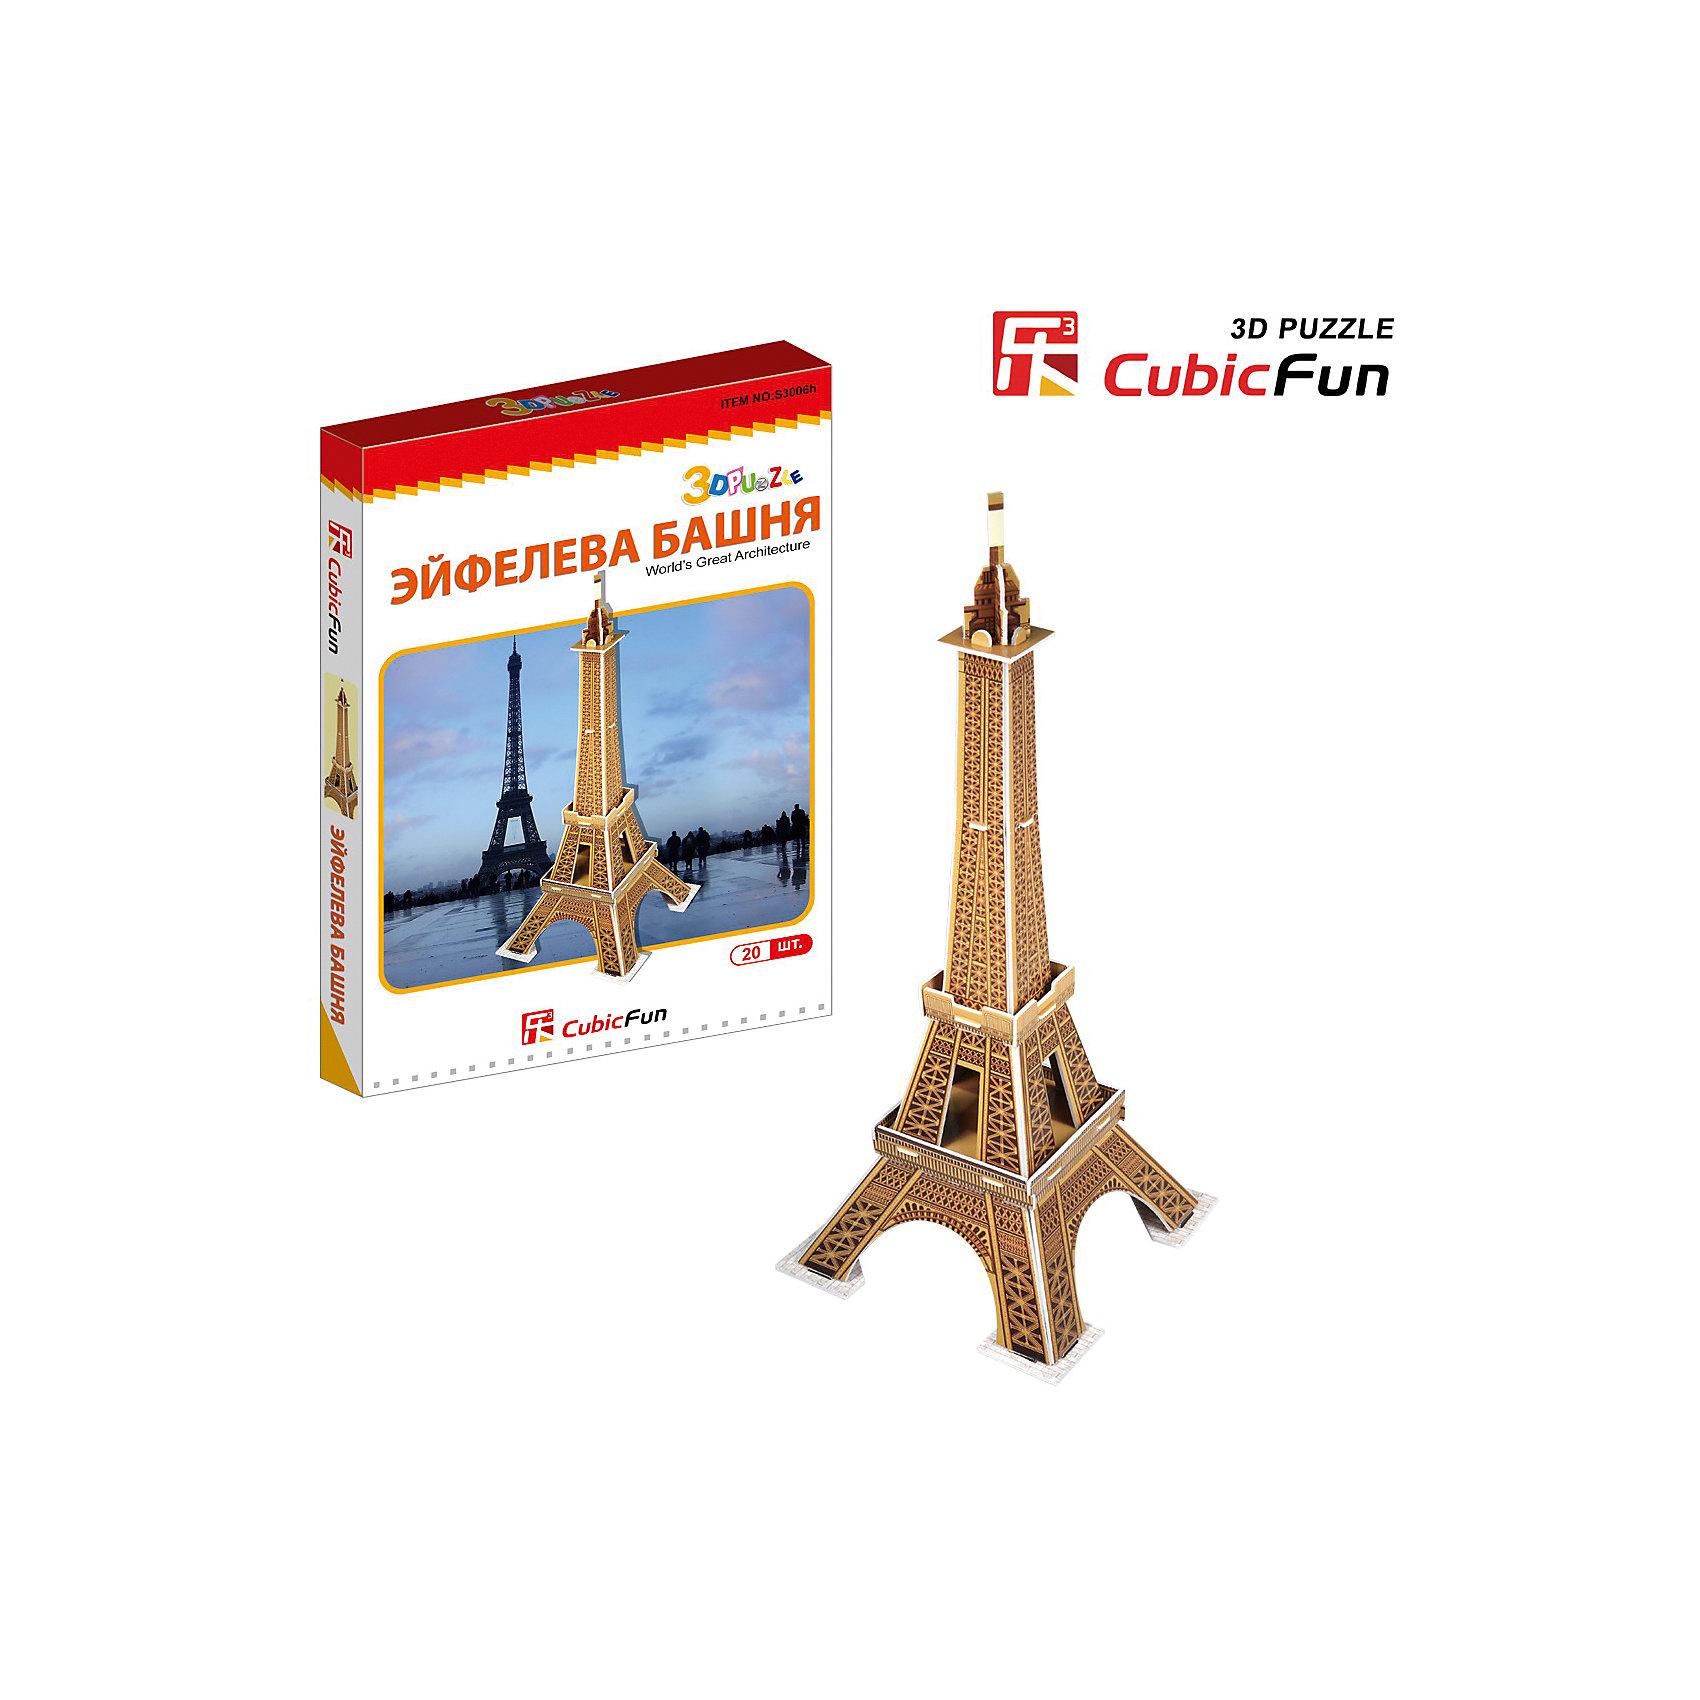 Пазл 3D Эйфелева башня (Франция) (мини серия), CubicFun3D пазлы<br>Cubic Fun S3006 Кубик фан Эйфелева башня (Франция) (мини серия)<br>Башня является самой узнаваемой архитектурной достопримечательностью Парижа, имеет мировую известность как символ Франции. Названа в честь своего конструктора Густава Эйфеля.<br>Уровень сложности - 2<br>Функции:<br>- помогает в развитии логики и творческих способностей ребенка;<br>- помогает в формировании мышления, речи, внимания, восприятия и воображения;<br>- развивает моторику рук;<br>- расширяет кругозор ребенка и стимулирует к познанию новой информации;<br>Практические характеристики:<br>- обучающая, яркая и реалистичная модель;<br>- идеально и легко собирается без инструментов;<br>- увлекательный игровой процесс;<br>- тематический ассортимент;<br>- новый качественный материал (ламинированный пенокартон).<br><br>Ширина мм: 20<br>Глубина мм: 160<br>Высота мм: 250<br>Вес г: 118<br>Возраст от месяцев: 72<br>Возраст до месяцев: 192<br>Пол: Унисекс<br>Возраст: Детский<br>SKU: 4951165